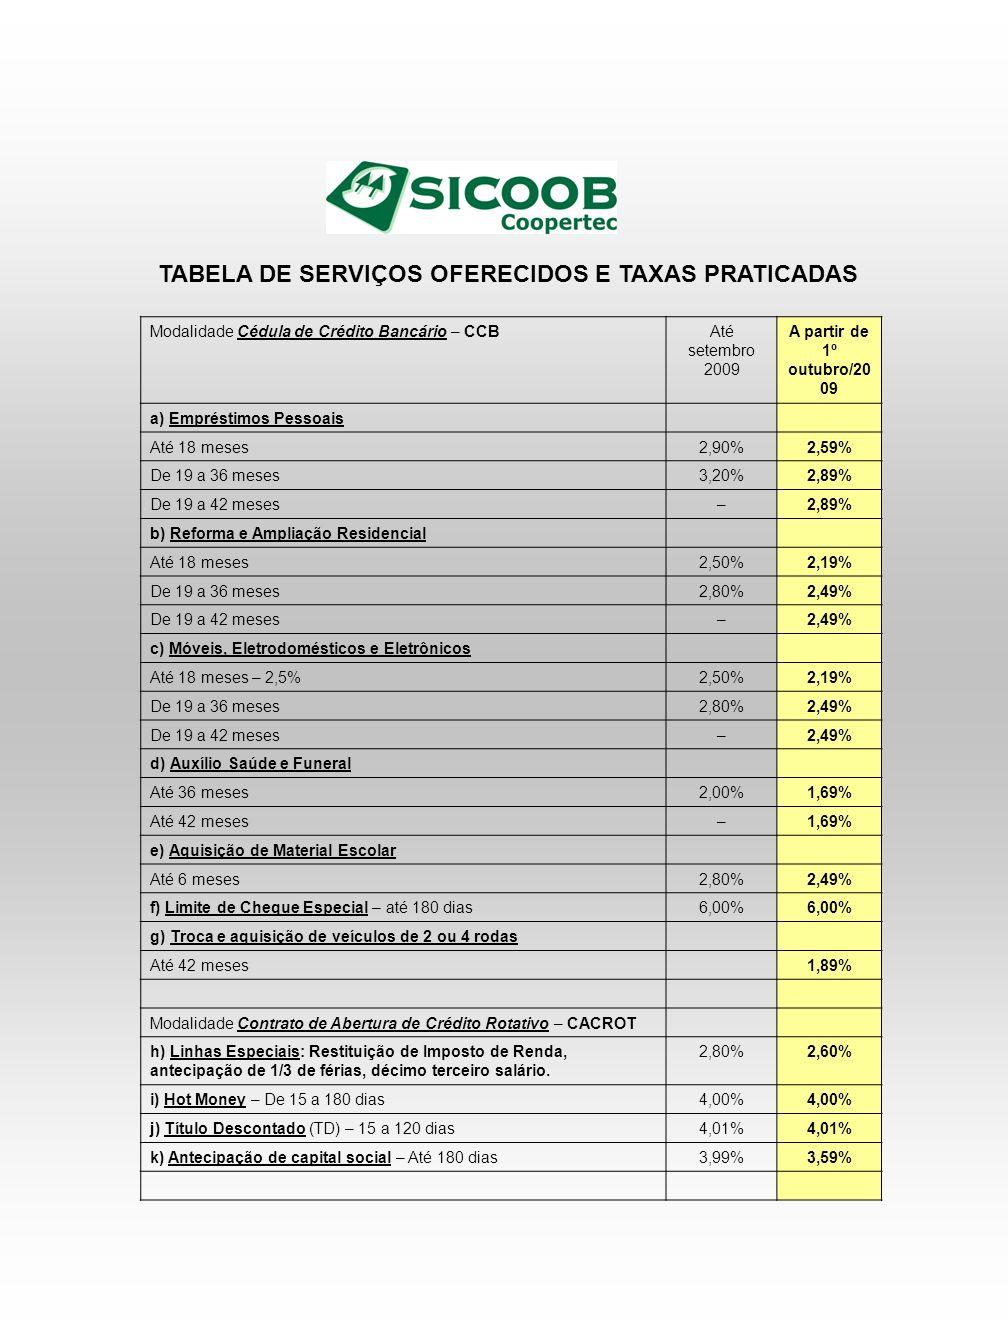 TABELA DE SERVIÇOS OFERECIDOS E TAXAS PRATICADAS